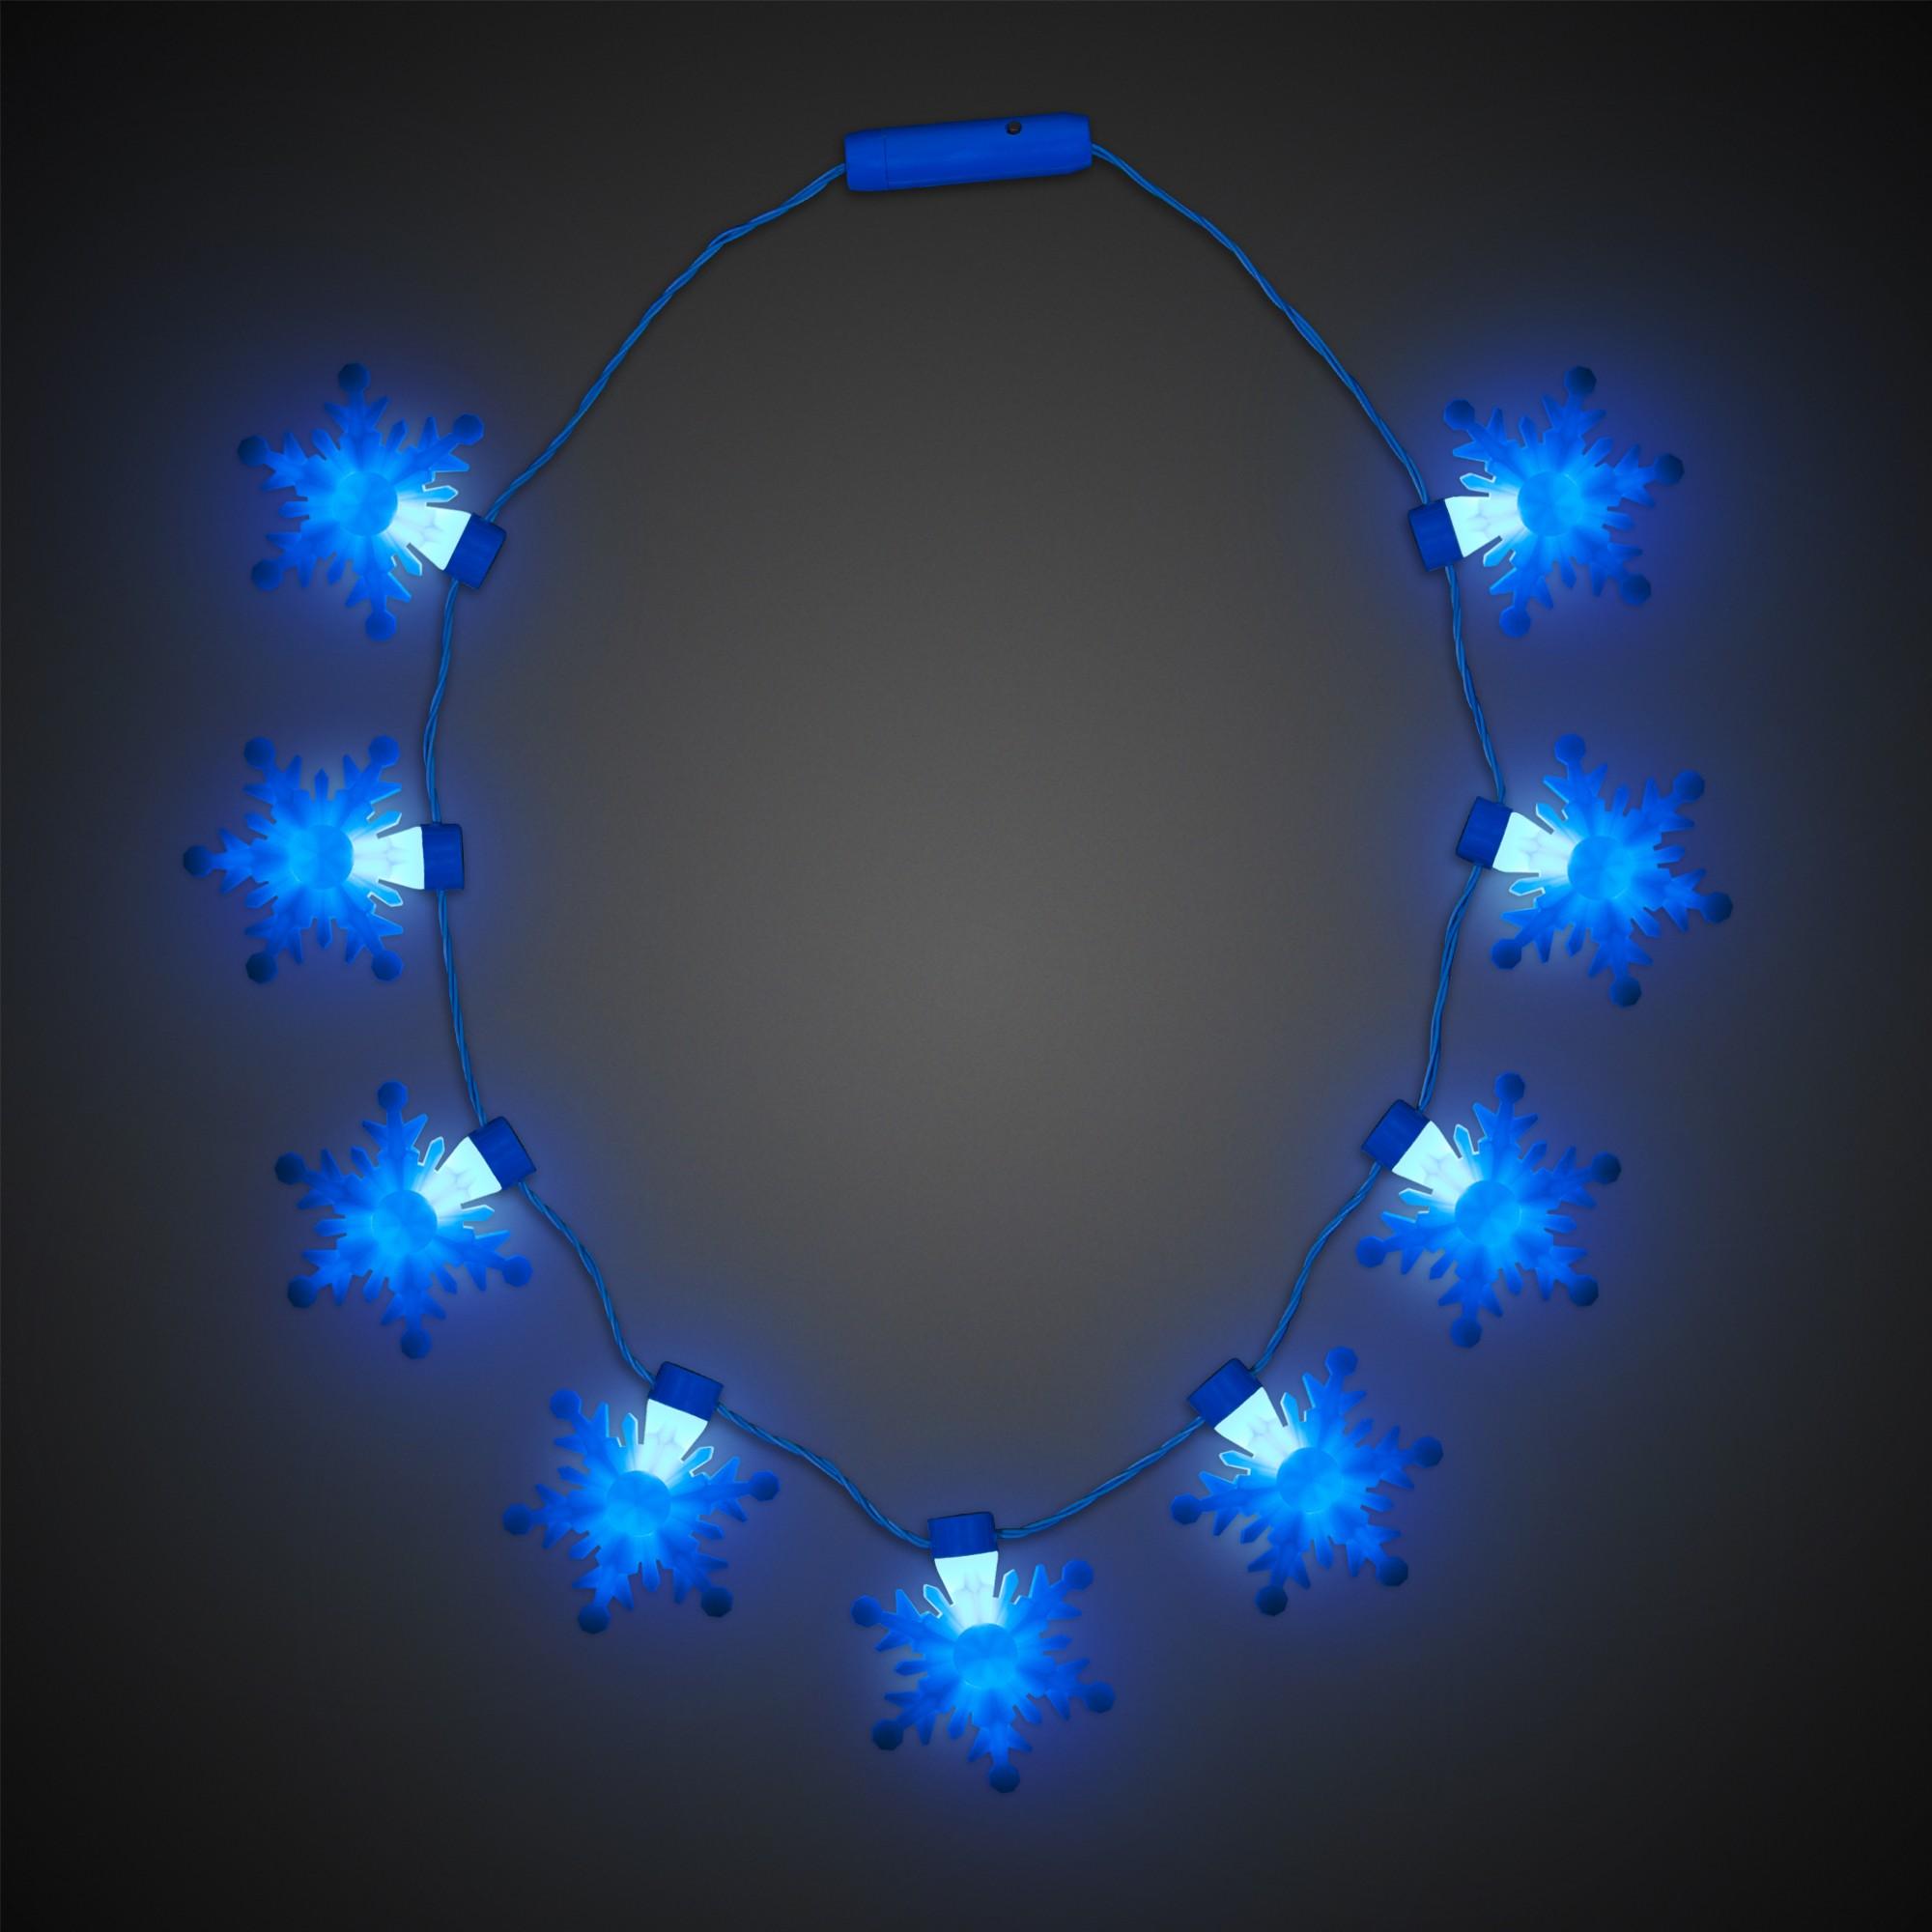 Led Snowflake Necklace Badges Bracelets Necklaces